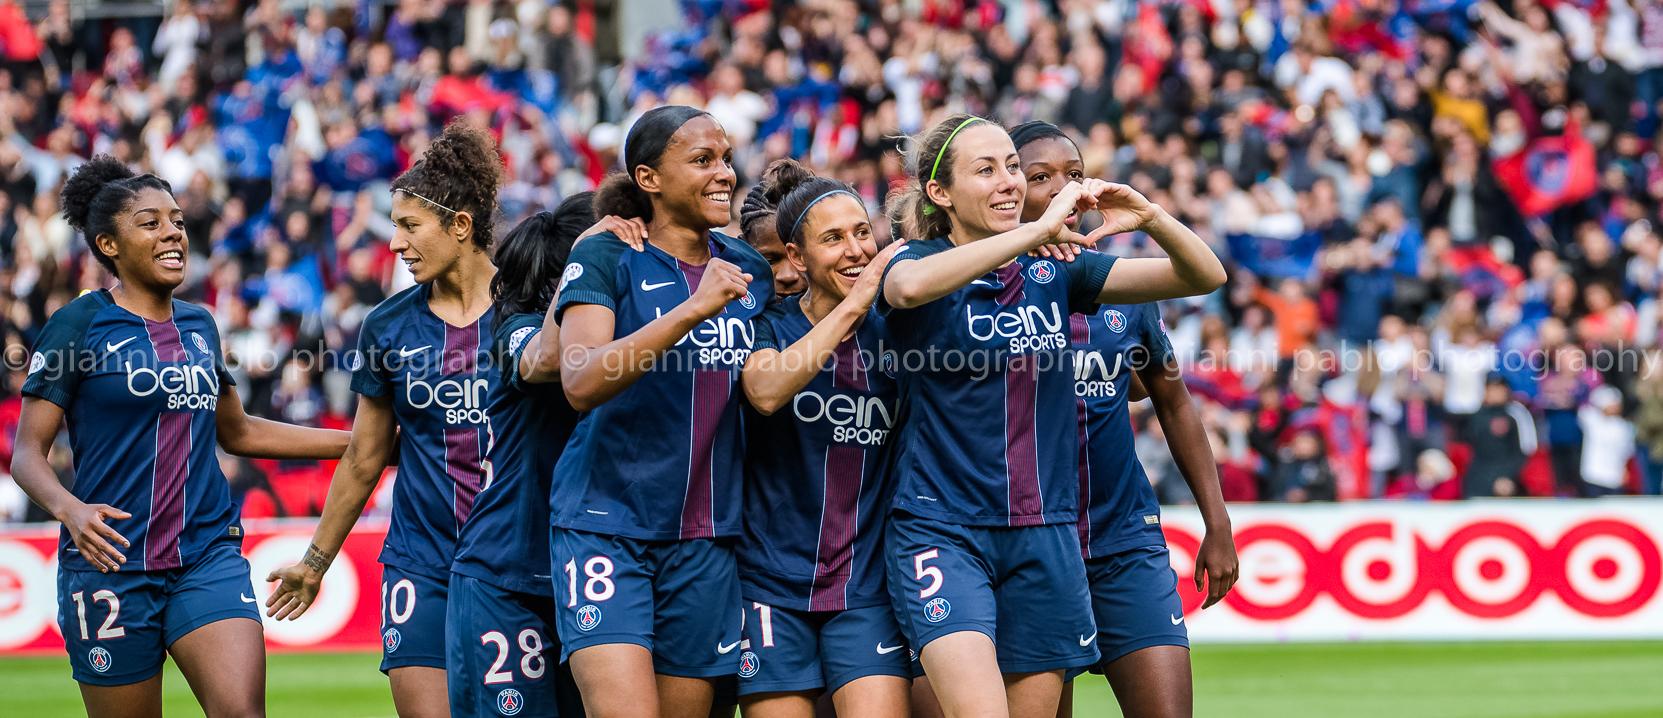 La photo de la qualification en finale de la WCL pour le PSG. Crédit Giavanni Pablo. Lesfeminines.fr